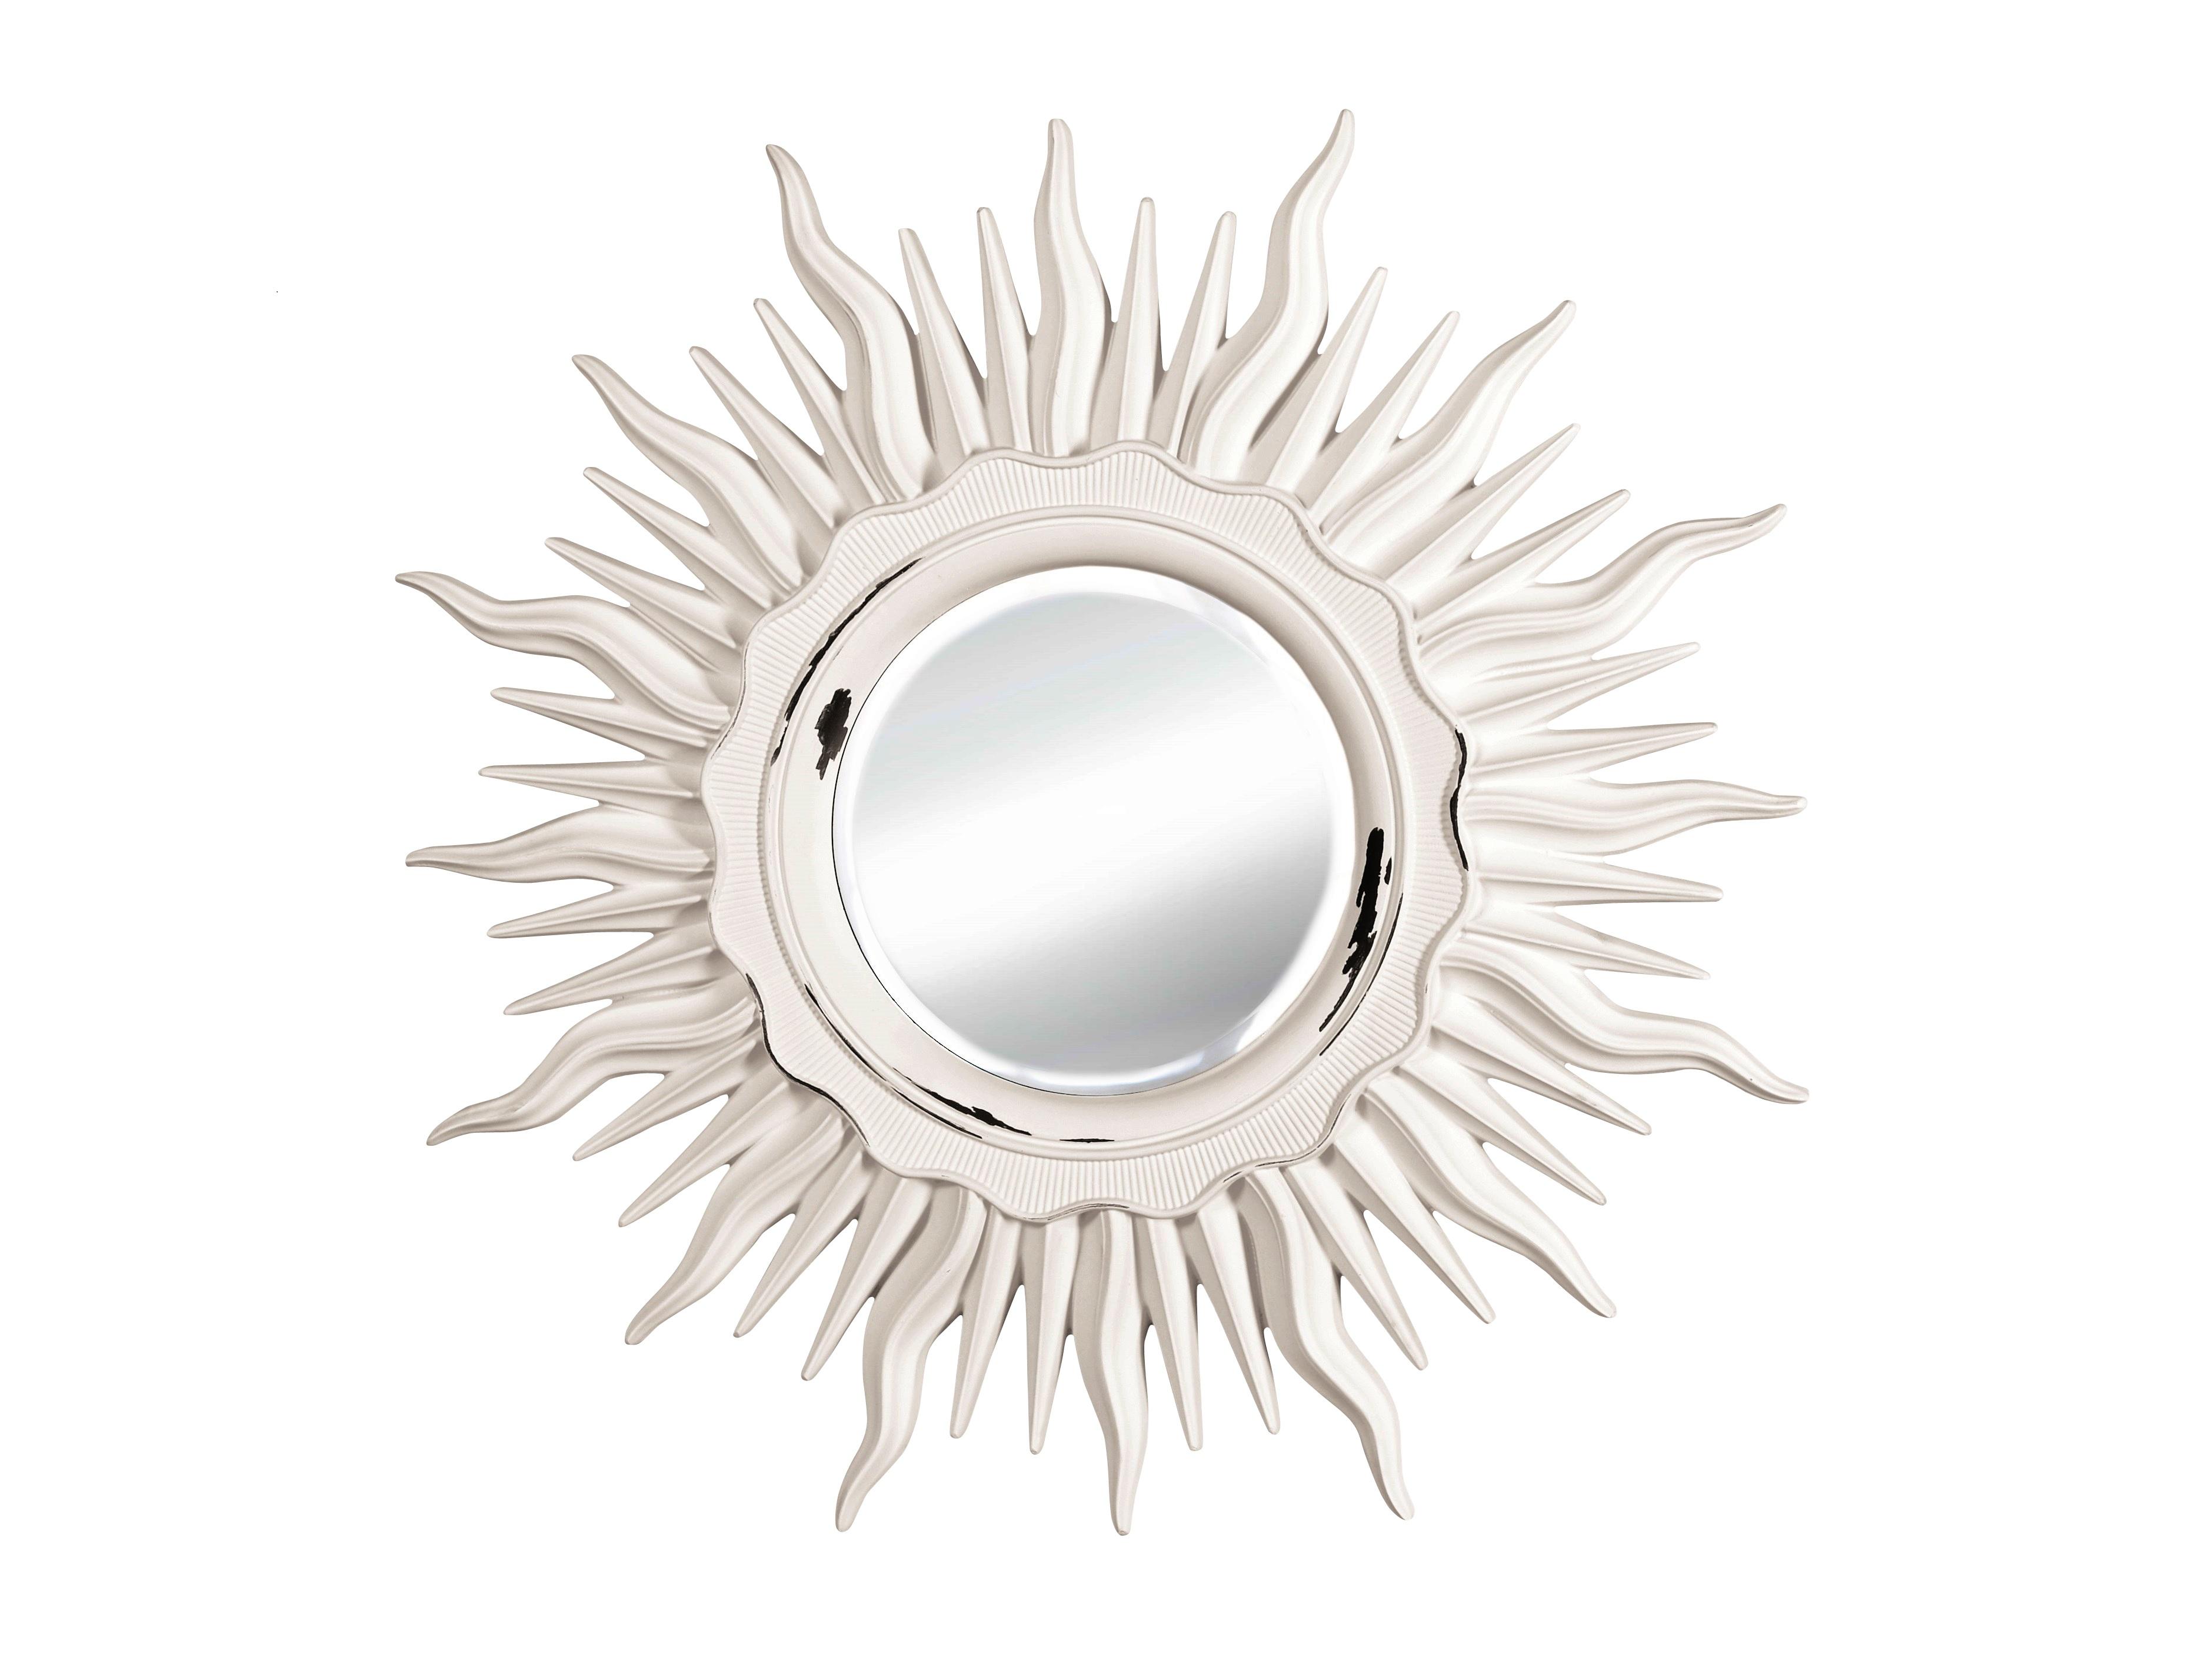 Зеркало АСТРОНастенные зеркала<br>Не стоит полагать, что символ солнца в интерьере ? это гарант света и уютной теплоты. Зеркало от Vezzolli, конечно, добавит оформлению сияние за счет своей гаммы, но домашнего уюта не создаст. Оно, напротив, наполнит пространство холодным элегантным очарованием, которое будет источать экстравагантность. Такой настенный декор идеально впишется как в классические, так и современные интерьеры, преисполненные роскоши.&amp;lt;div&amp;gt;&amp;lt;br&amp;gt;&amp;lt;/div&amp;gt;&amp;lt;div&amp;gt;Рекомендации по уходу: бережная, влажная уборка. Запрещается использование любых растворителей.&amp;lt;/div&amp;gt;&amp;lt;div&amp;gt;&amp;lt;span style=&amp;quot;line-height: 1.78571;&amp;quot;&amp;gt;Цвет: белый шебби-шик.&amp;lt;/span&amp;gt;&amp;lt;br&amp;gt;&amp;lt;/div&amp;gt;<br><br>Material: Полиуретан<br>Depth см: 4<br>Diameter см: 96